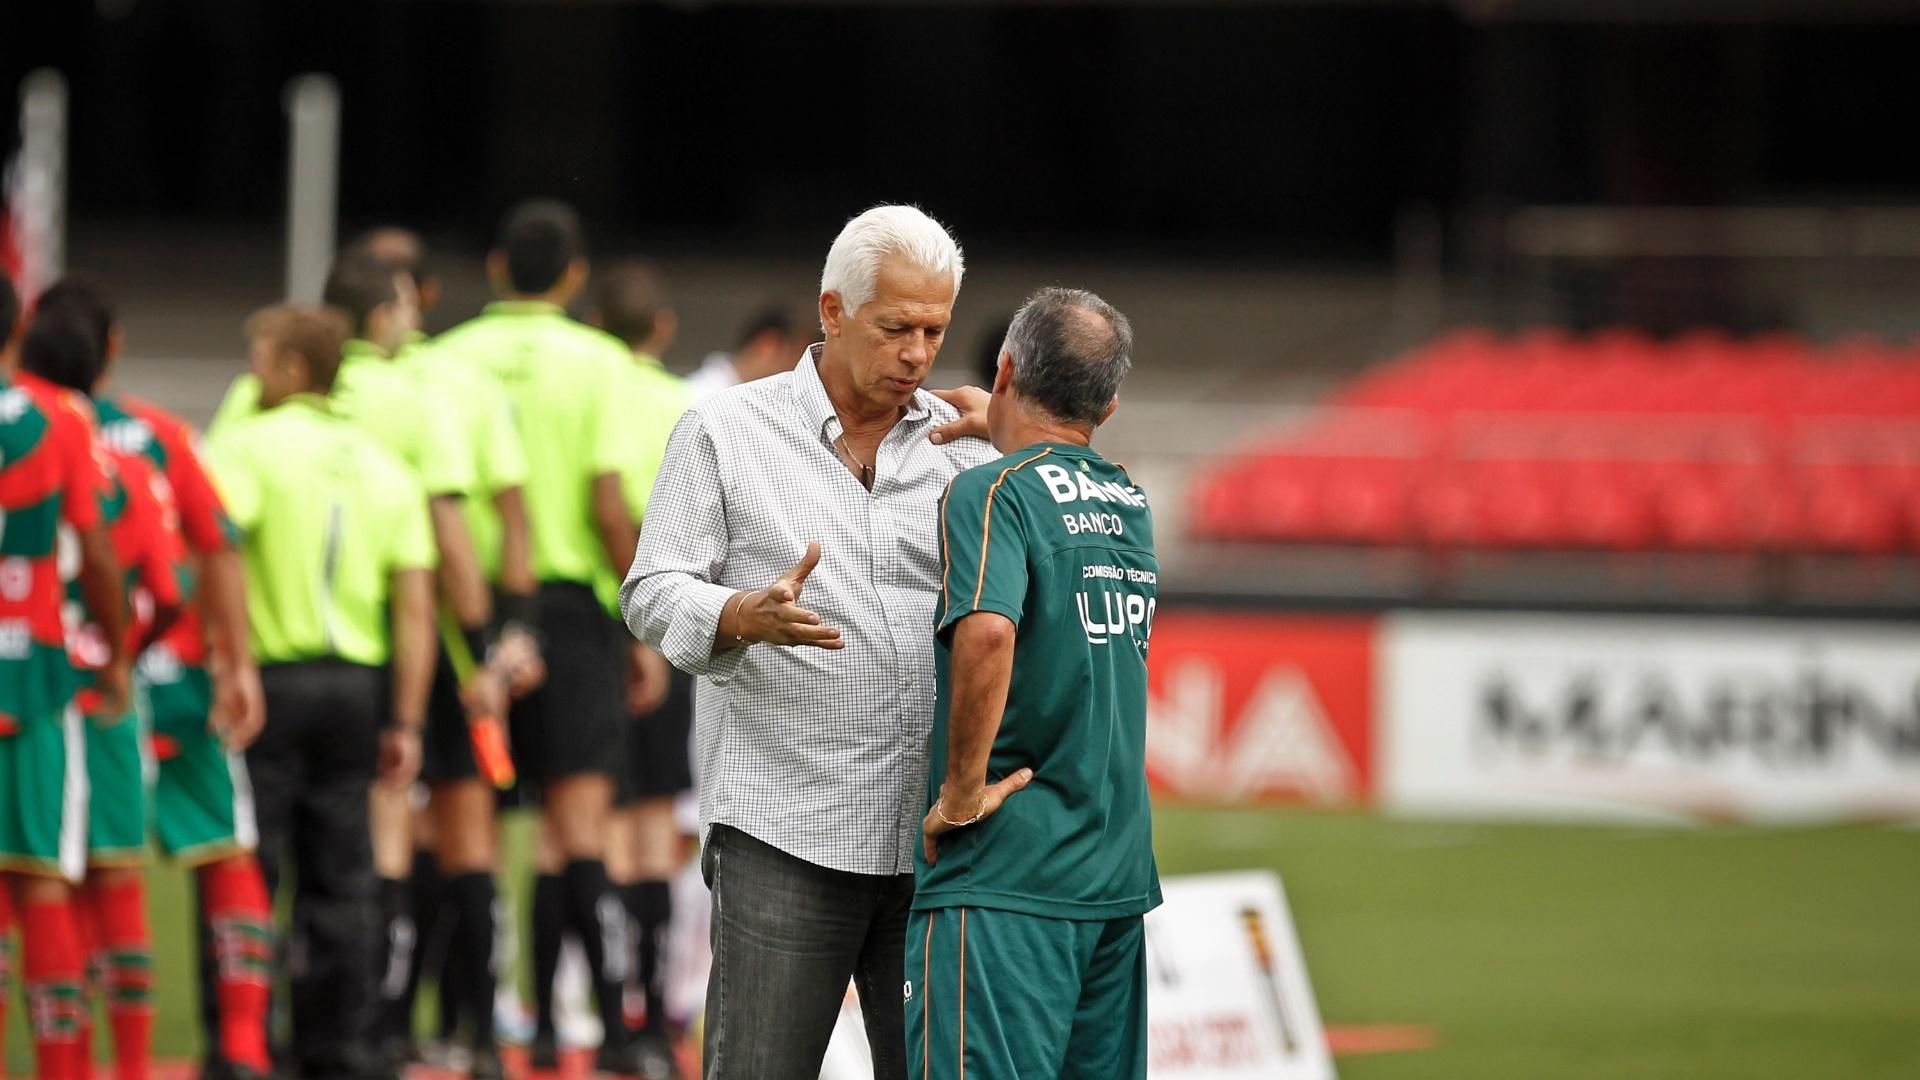 Os técnicos Leão, do São Paulo, e Jorginho, da Portuguesa, conversam antes do início do duelo